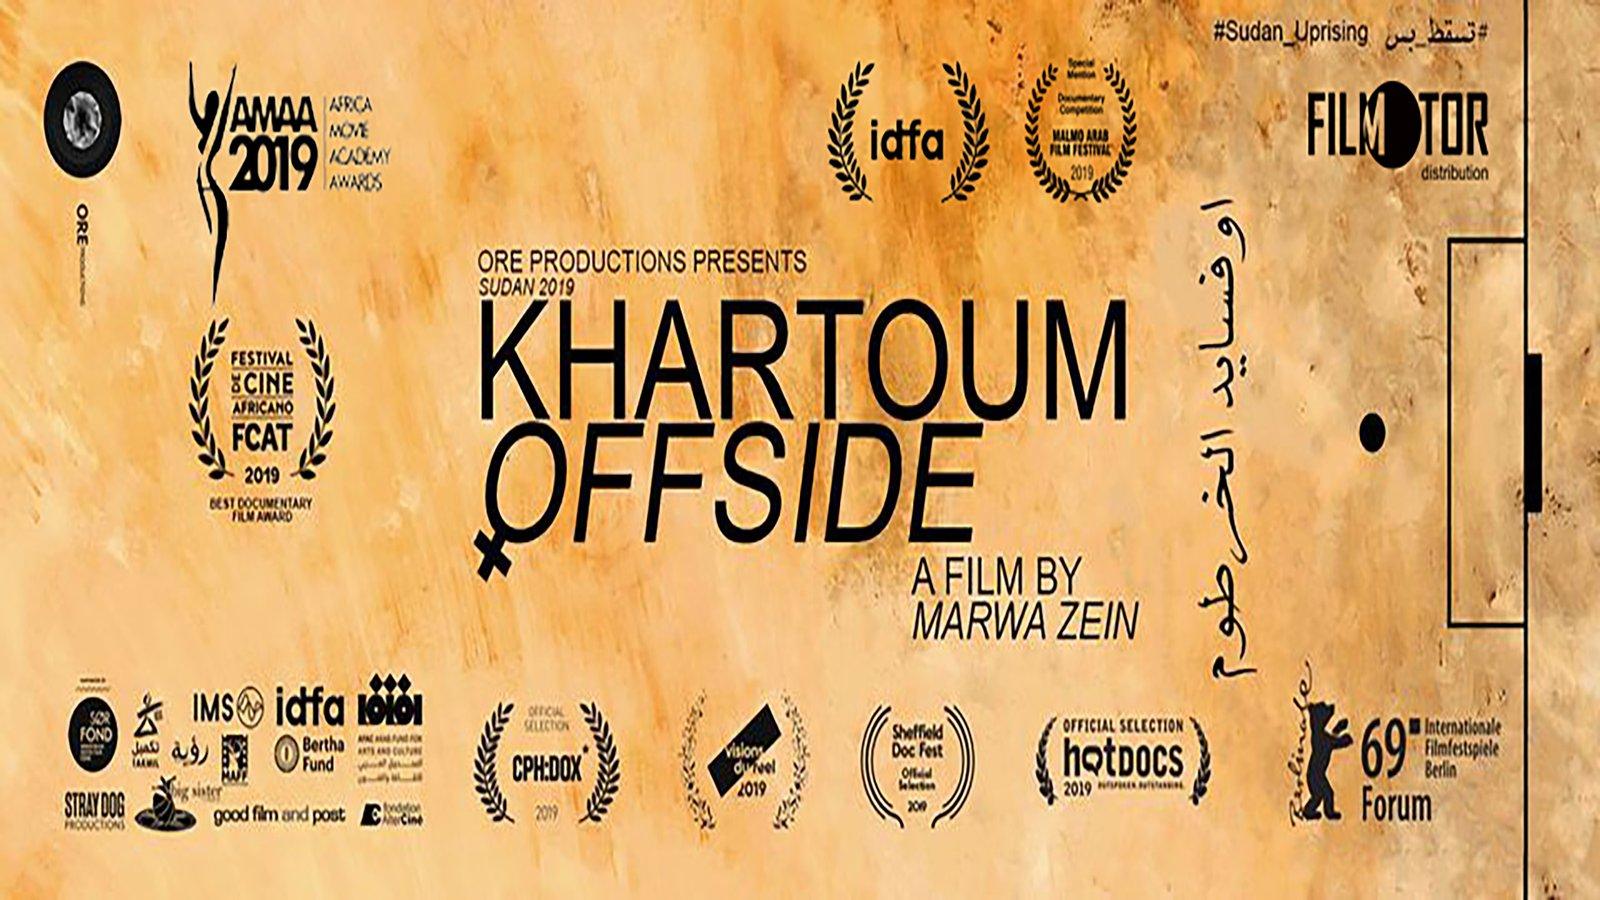 Khartoum Offside